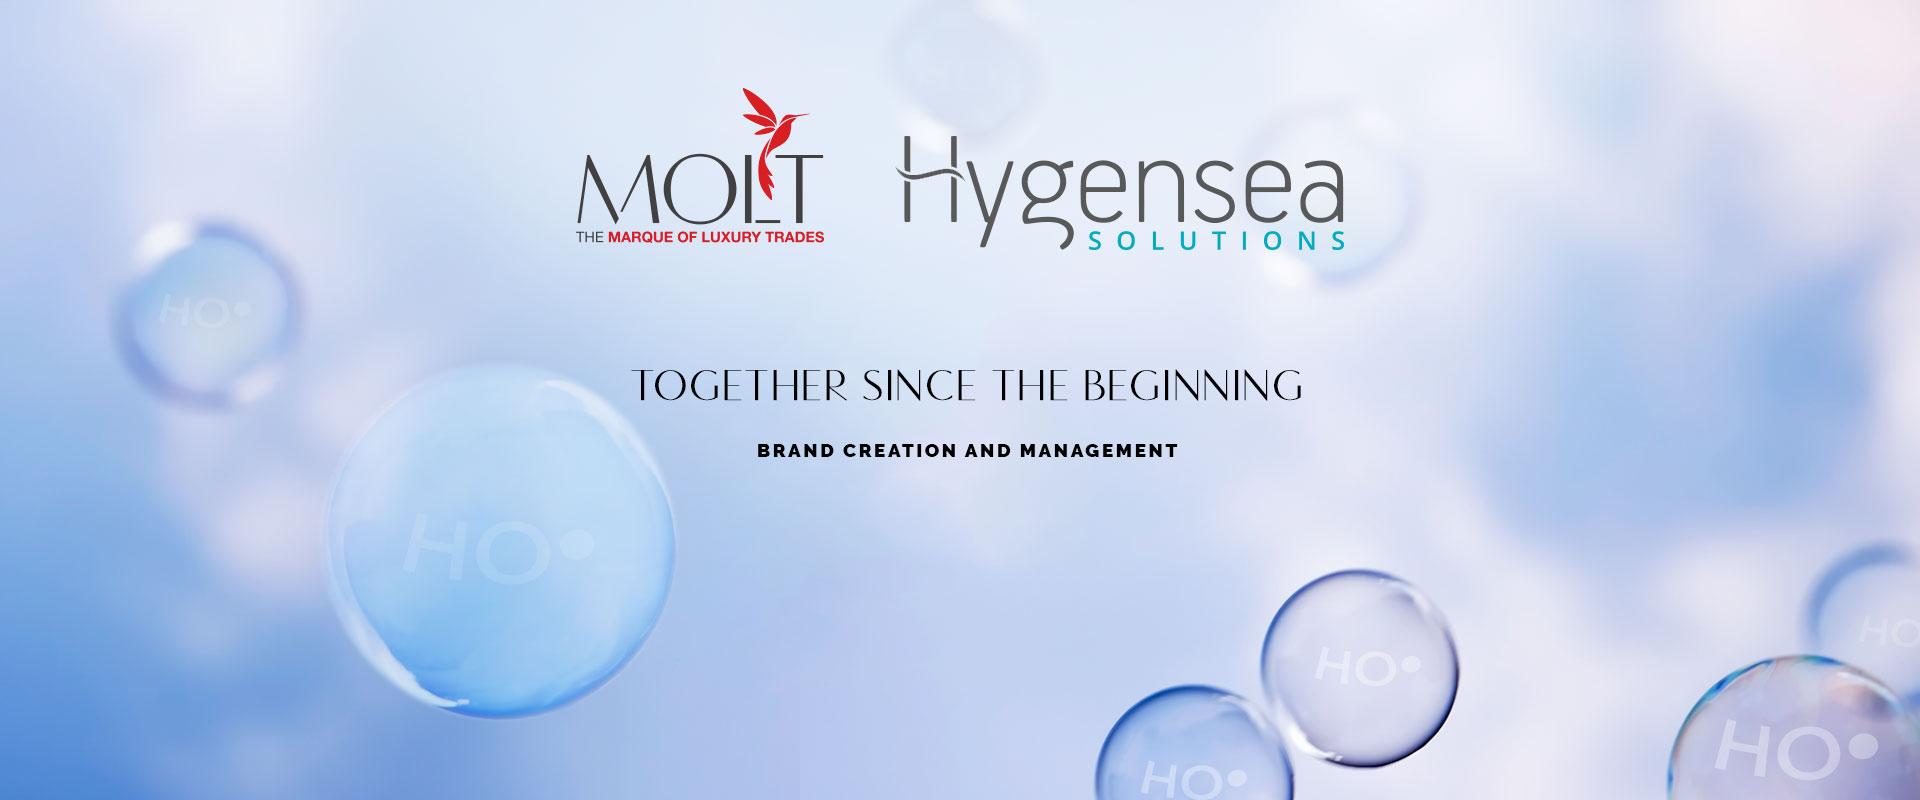 MOLT-Hygensea-Banner